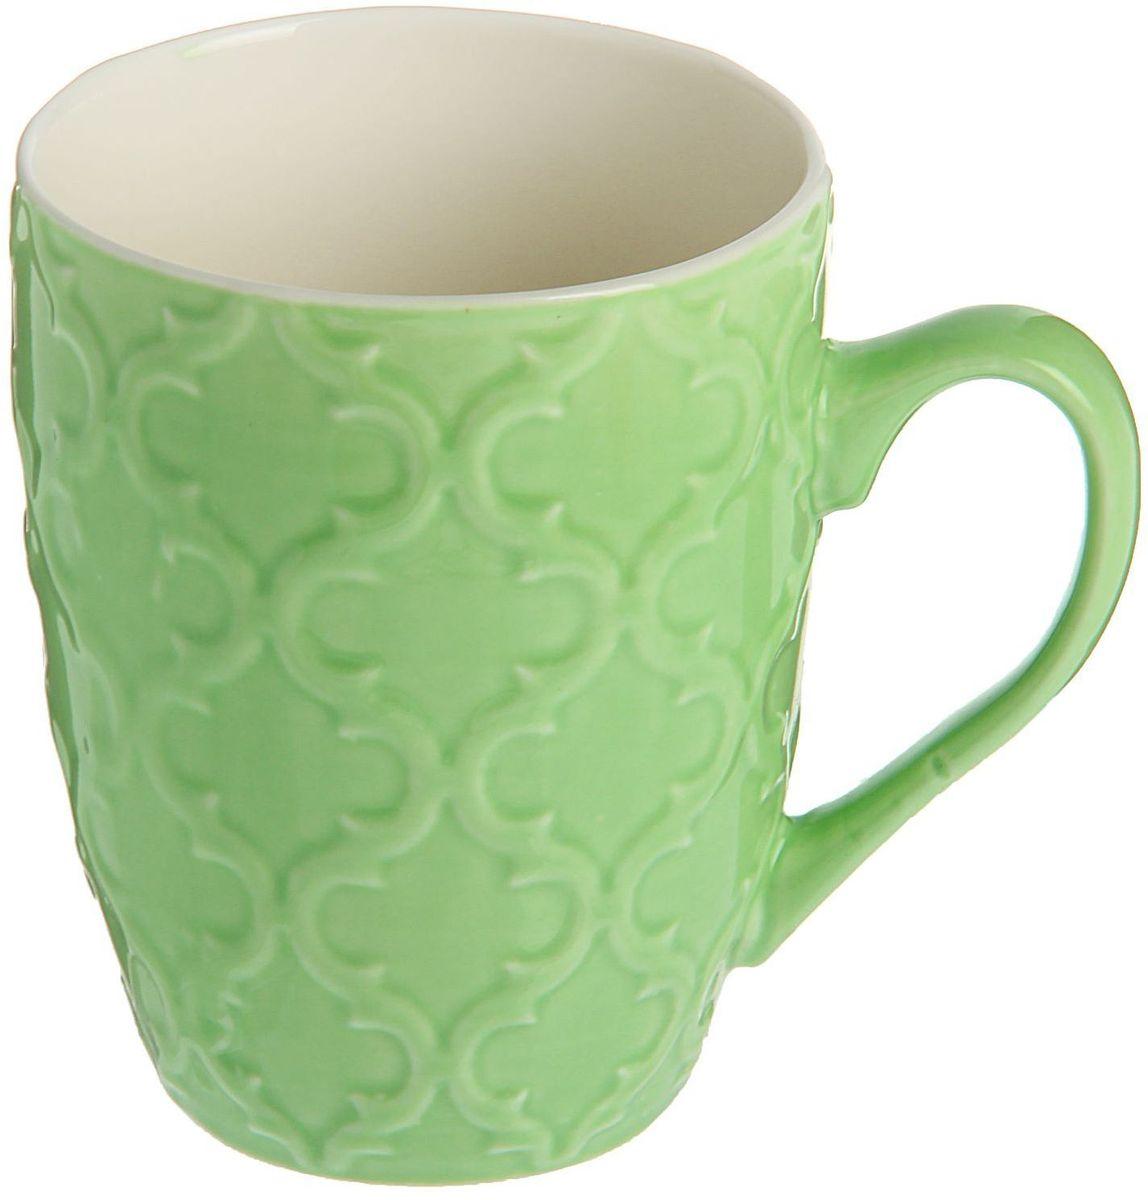 Кружка Доляна Орнамент, цвет: зеленый, 320 мл1625300Кружка Доляна Орнамент изготовлена из качественной прочной керамики с глазурованным покрытием. Поверхность устойчива к сколам и царапинам, а цвет сохраняет насыщенность при долговременном использовании. Традиционный стиль и приятный цвет делают предмет подходящим для домашнего и профессионального использования. Кружка станет любимым аксессуаром на долгие годы. Относитесь к изделию бережно, и оно будет дарить прекрасное настроение каждый день. Легко моется в посудомоечной машине, можно ставить в холодильник и СВЧ-печь.